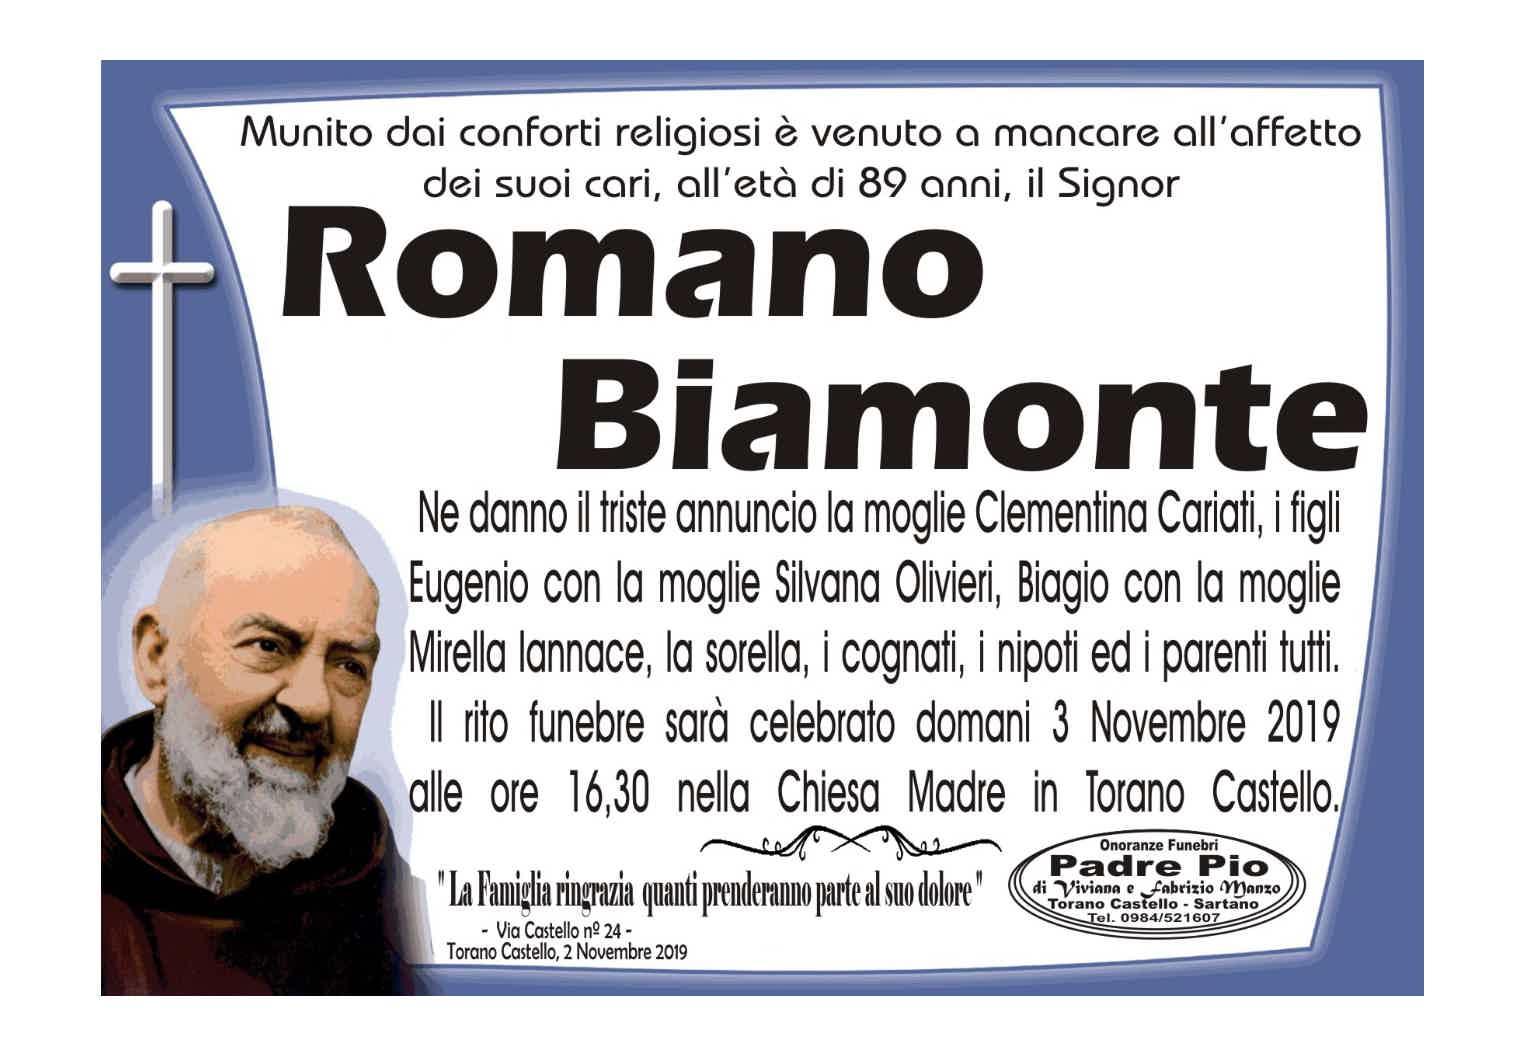 Romano Biamonte